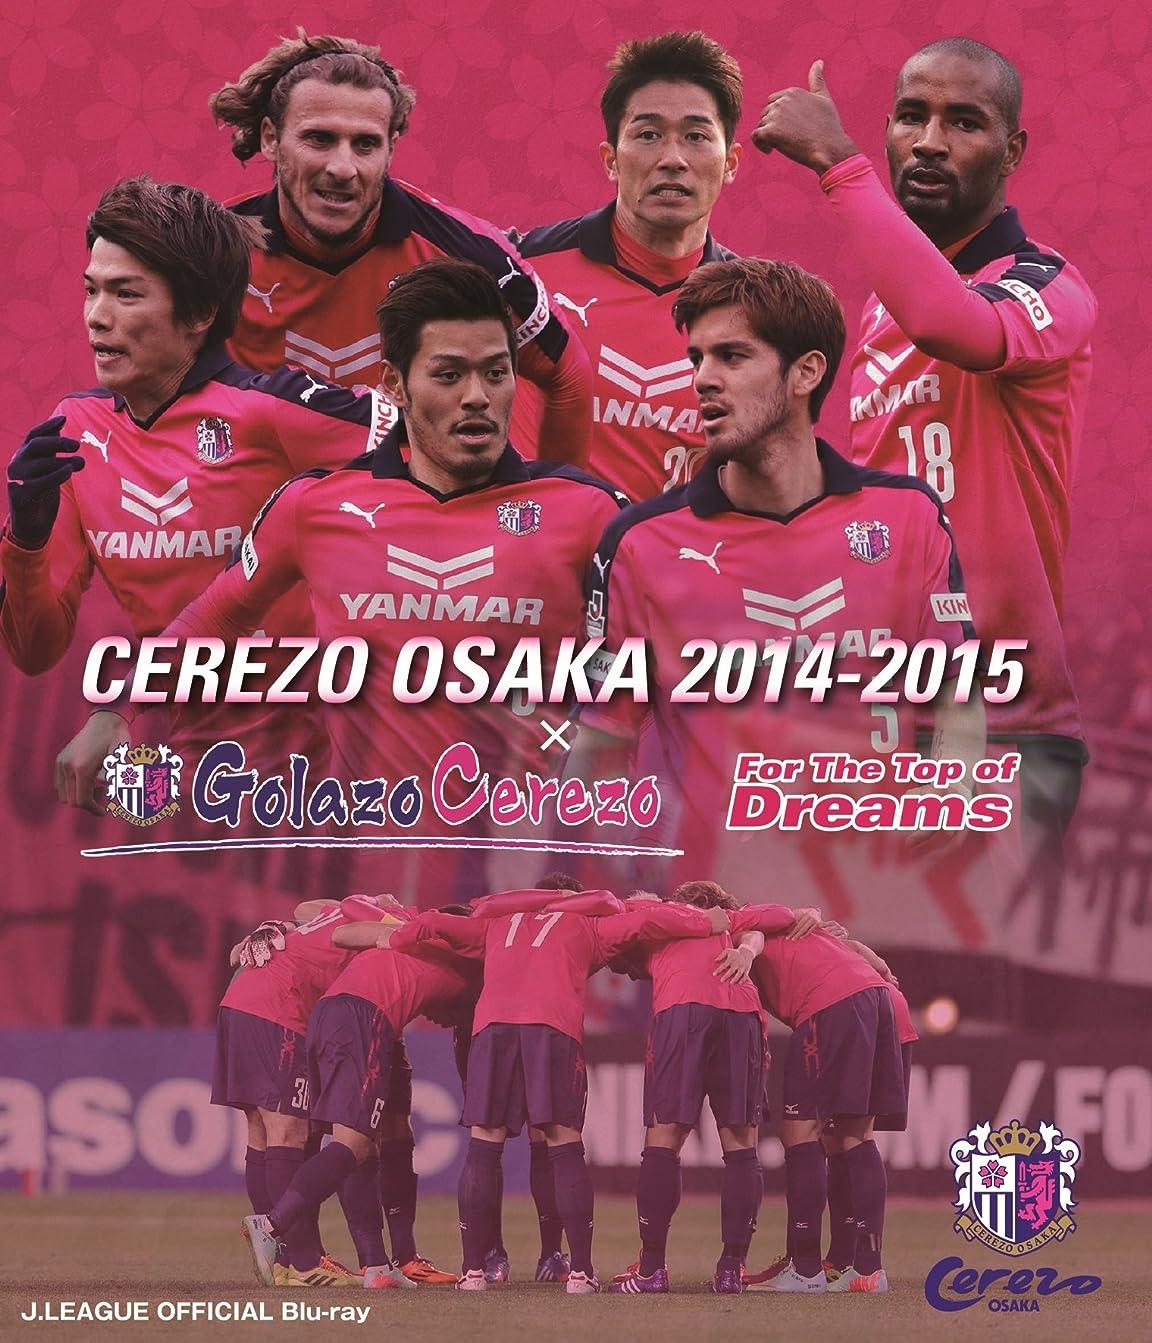 季節ルール体操セレッソ大阪2014-2015×Golazo Cerezo~For The Top of Dreams~ [Blu-ray]